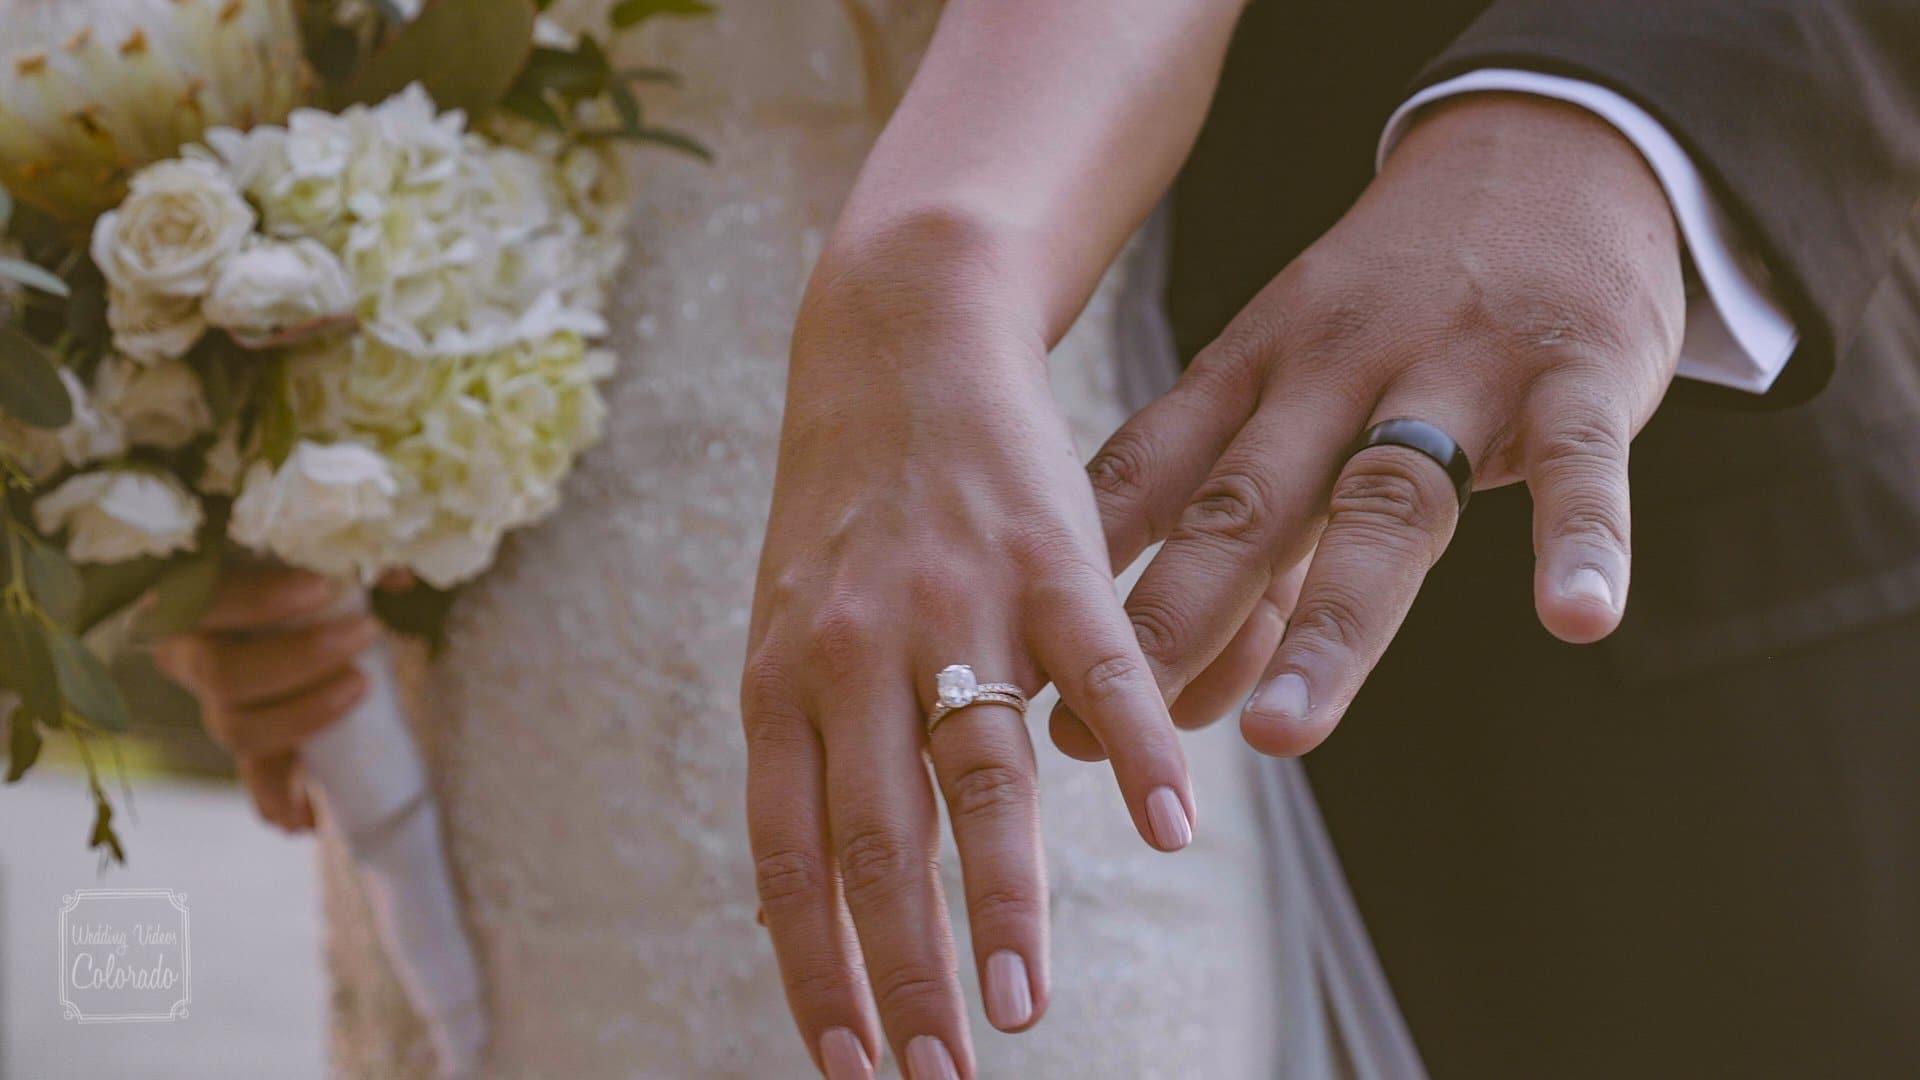 migeul bri wedgewood brittany hill wedding video